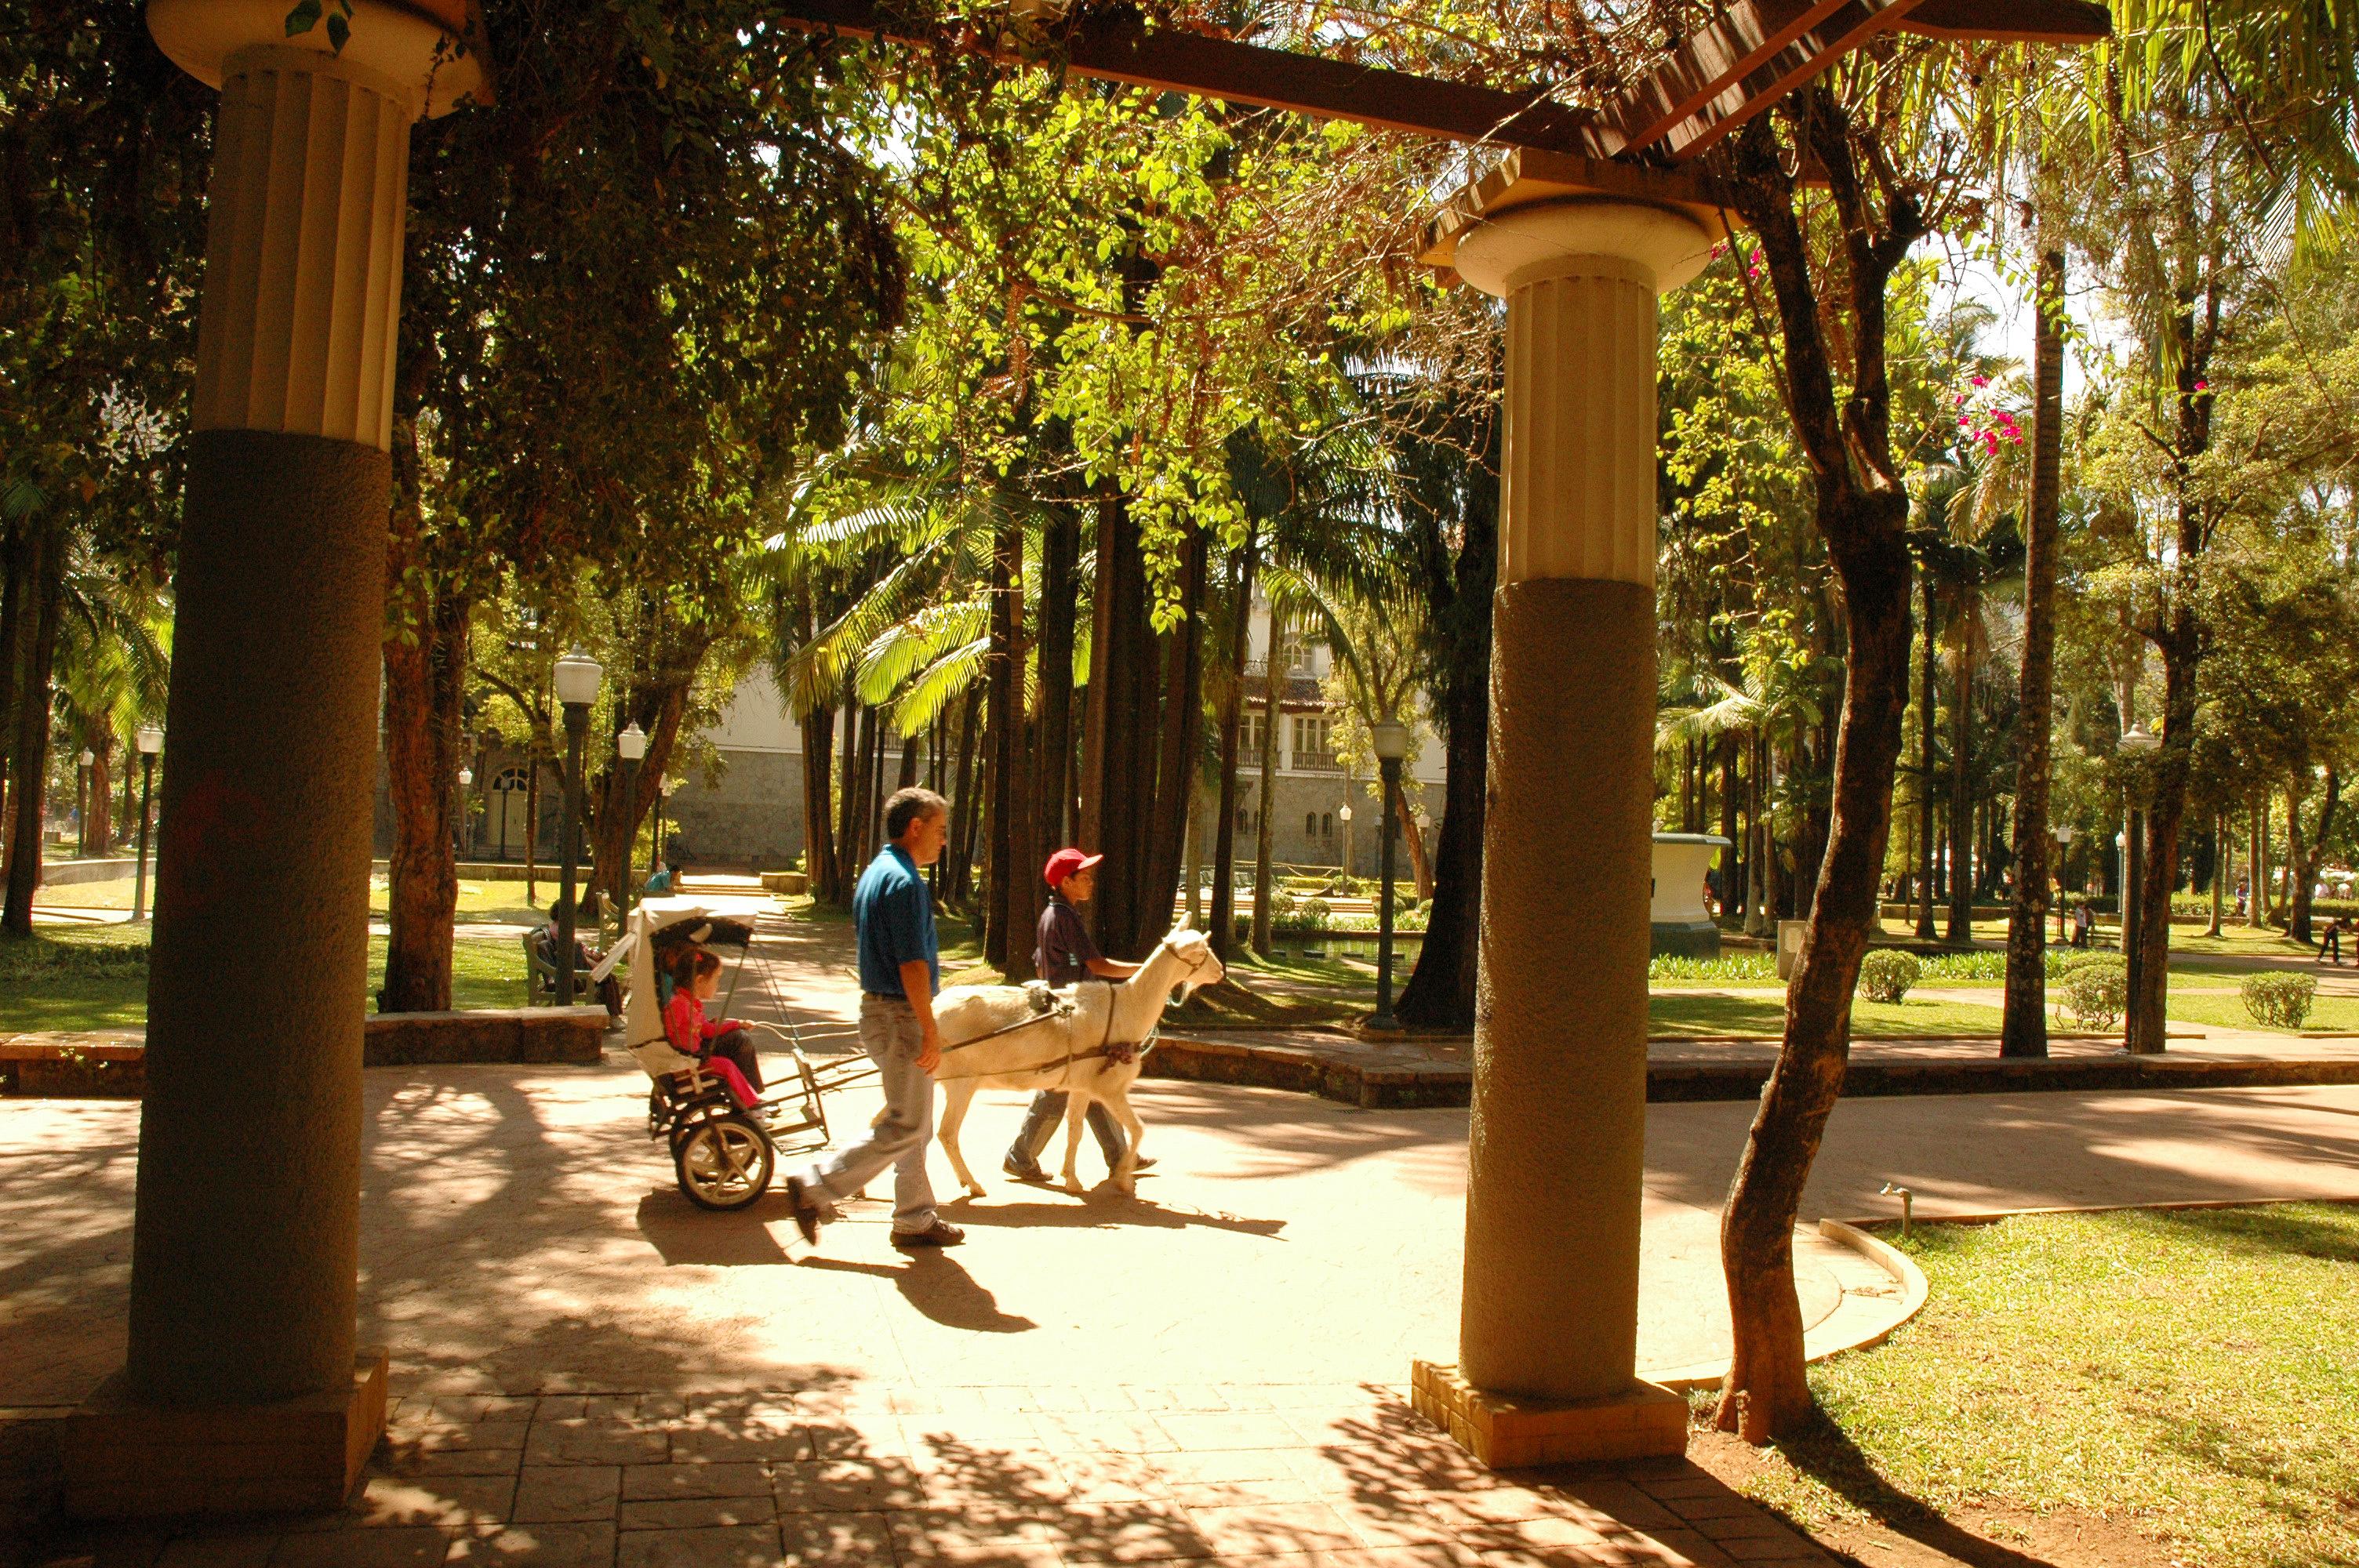 O passeio de charrete nas praças públicas de Poços de Caldas é perfeito para as crianças. Crédito: